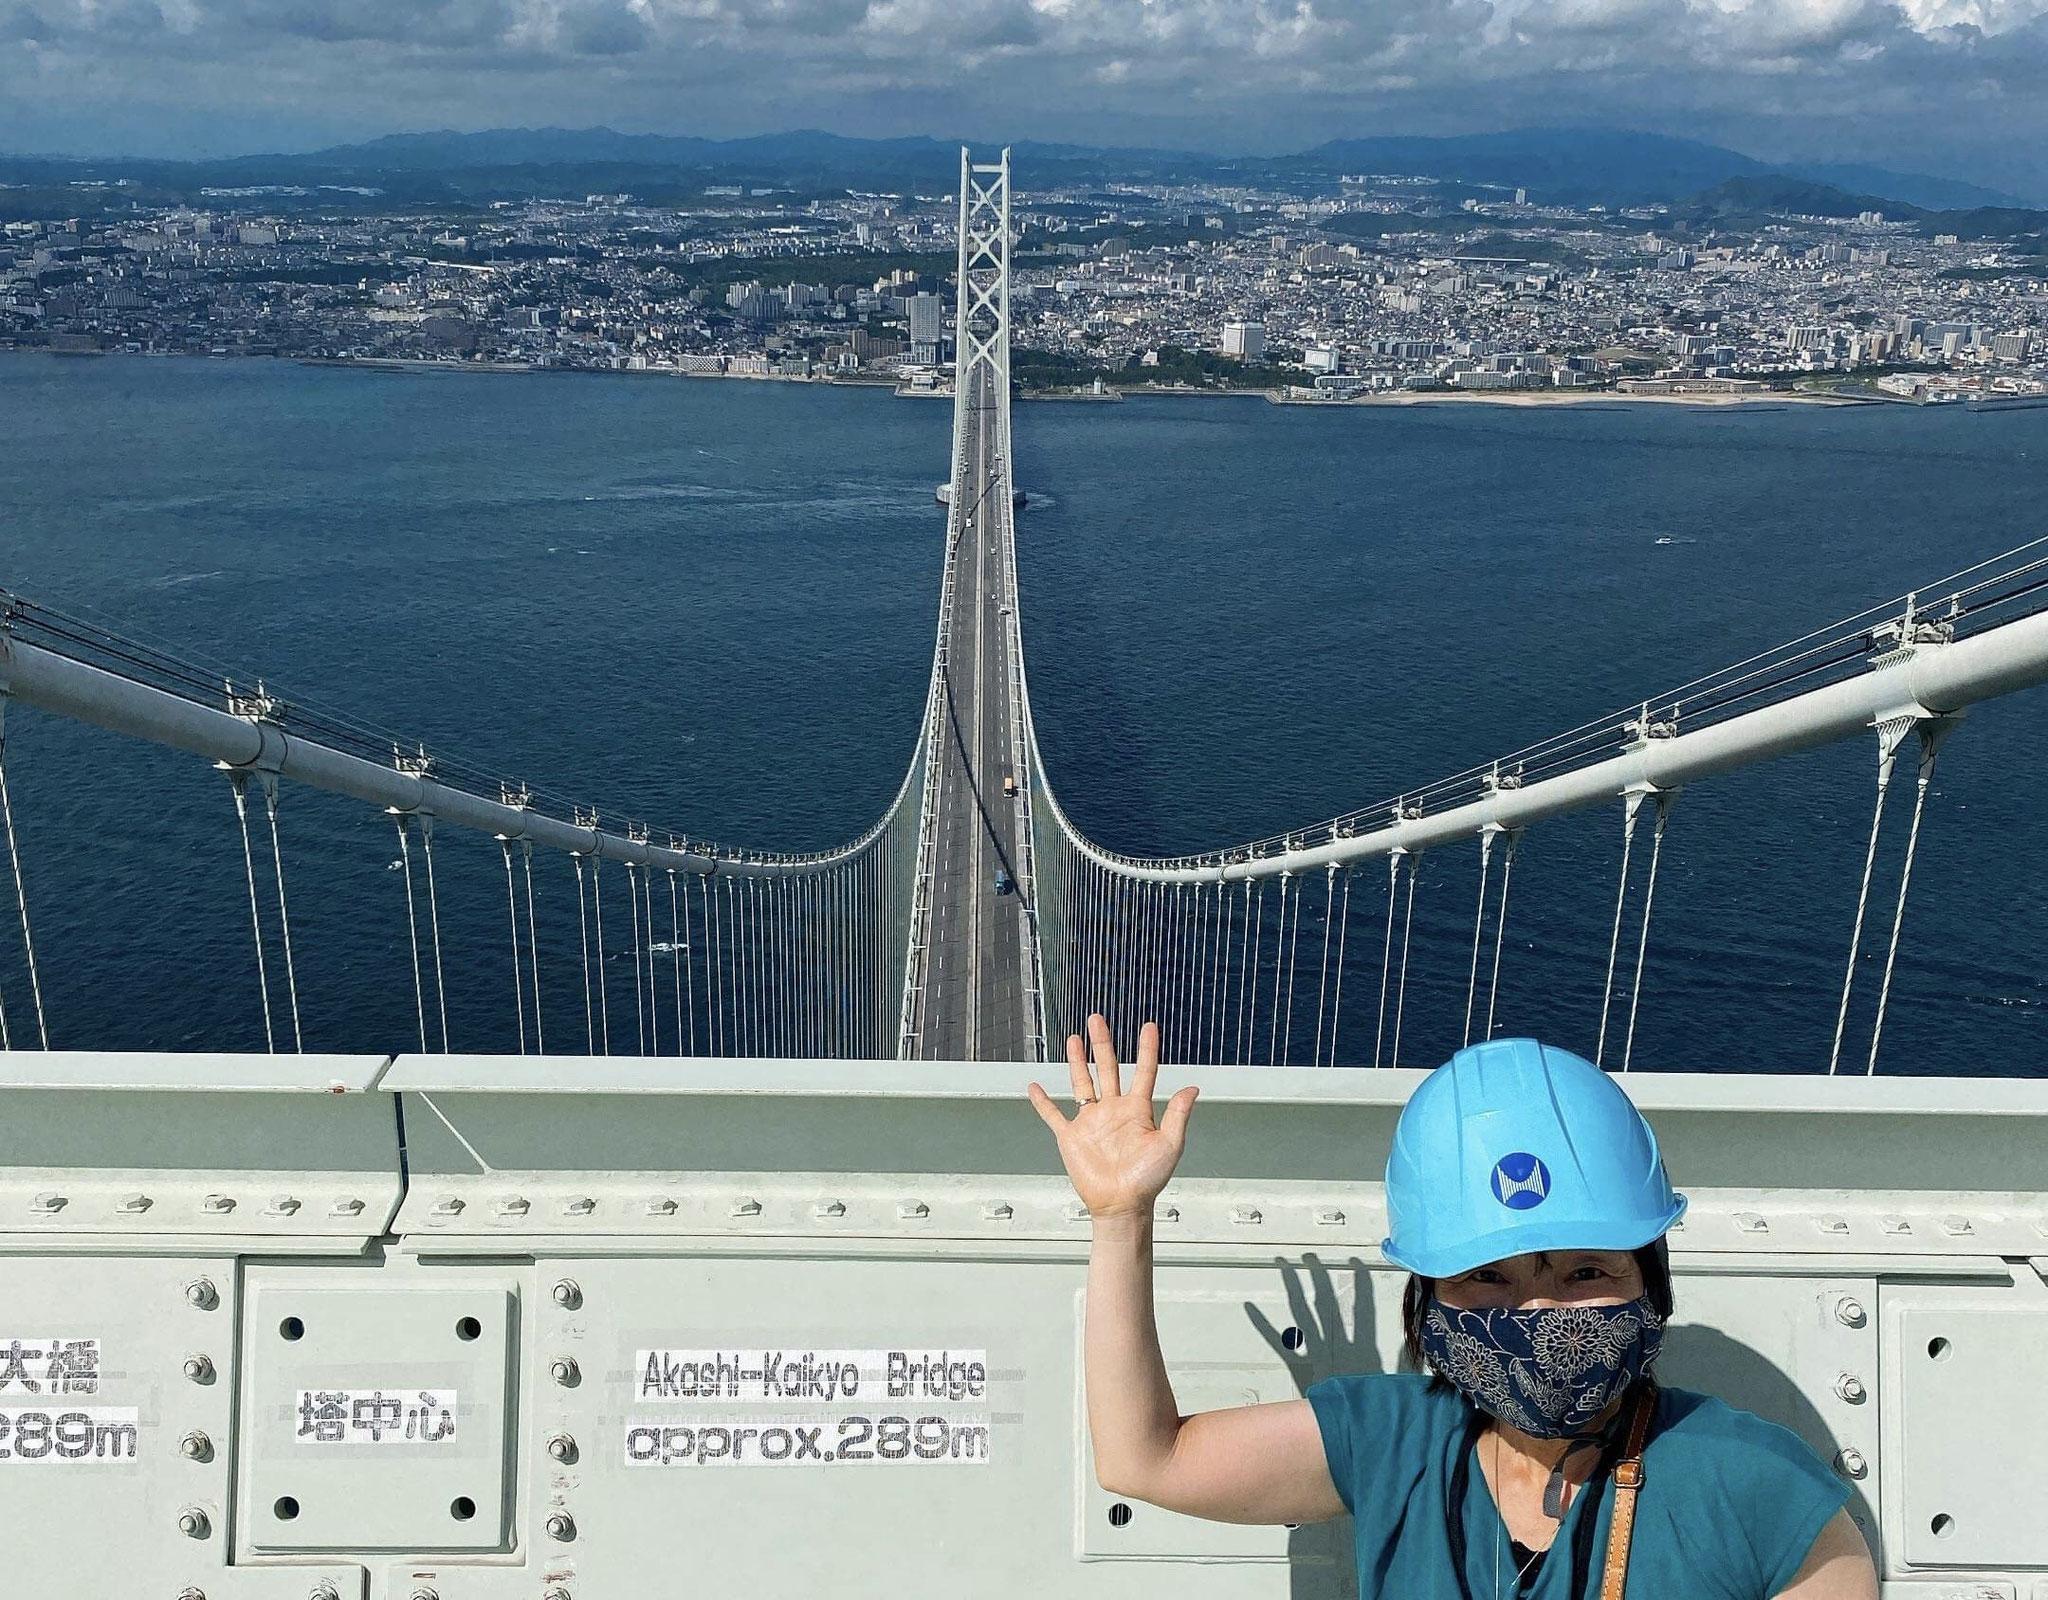 明石海峡大橋塔頂見学してきました!!すごーい!!